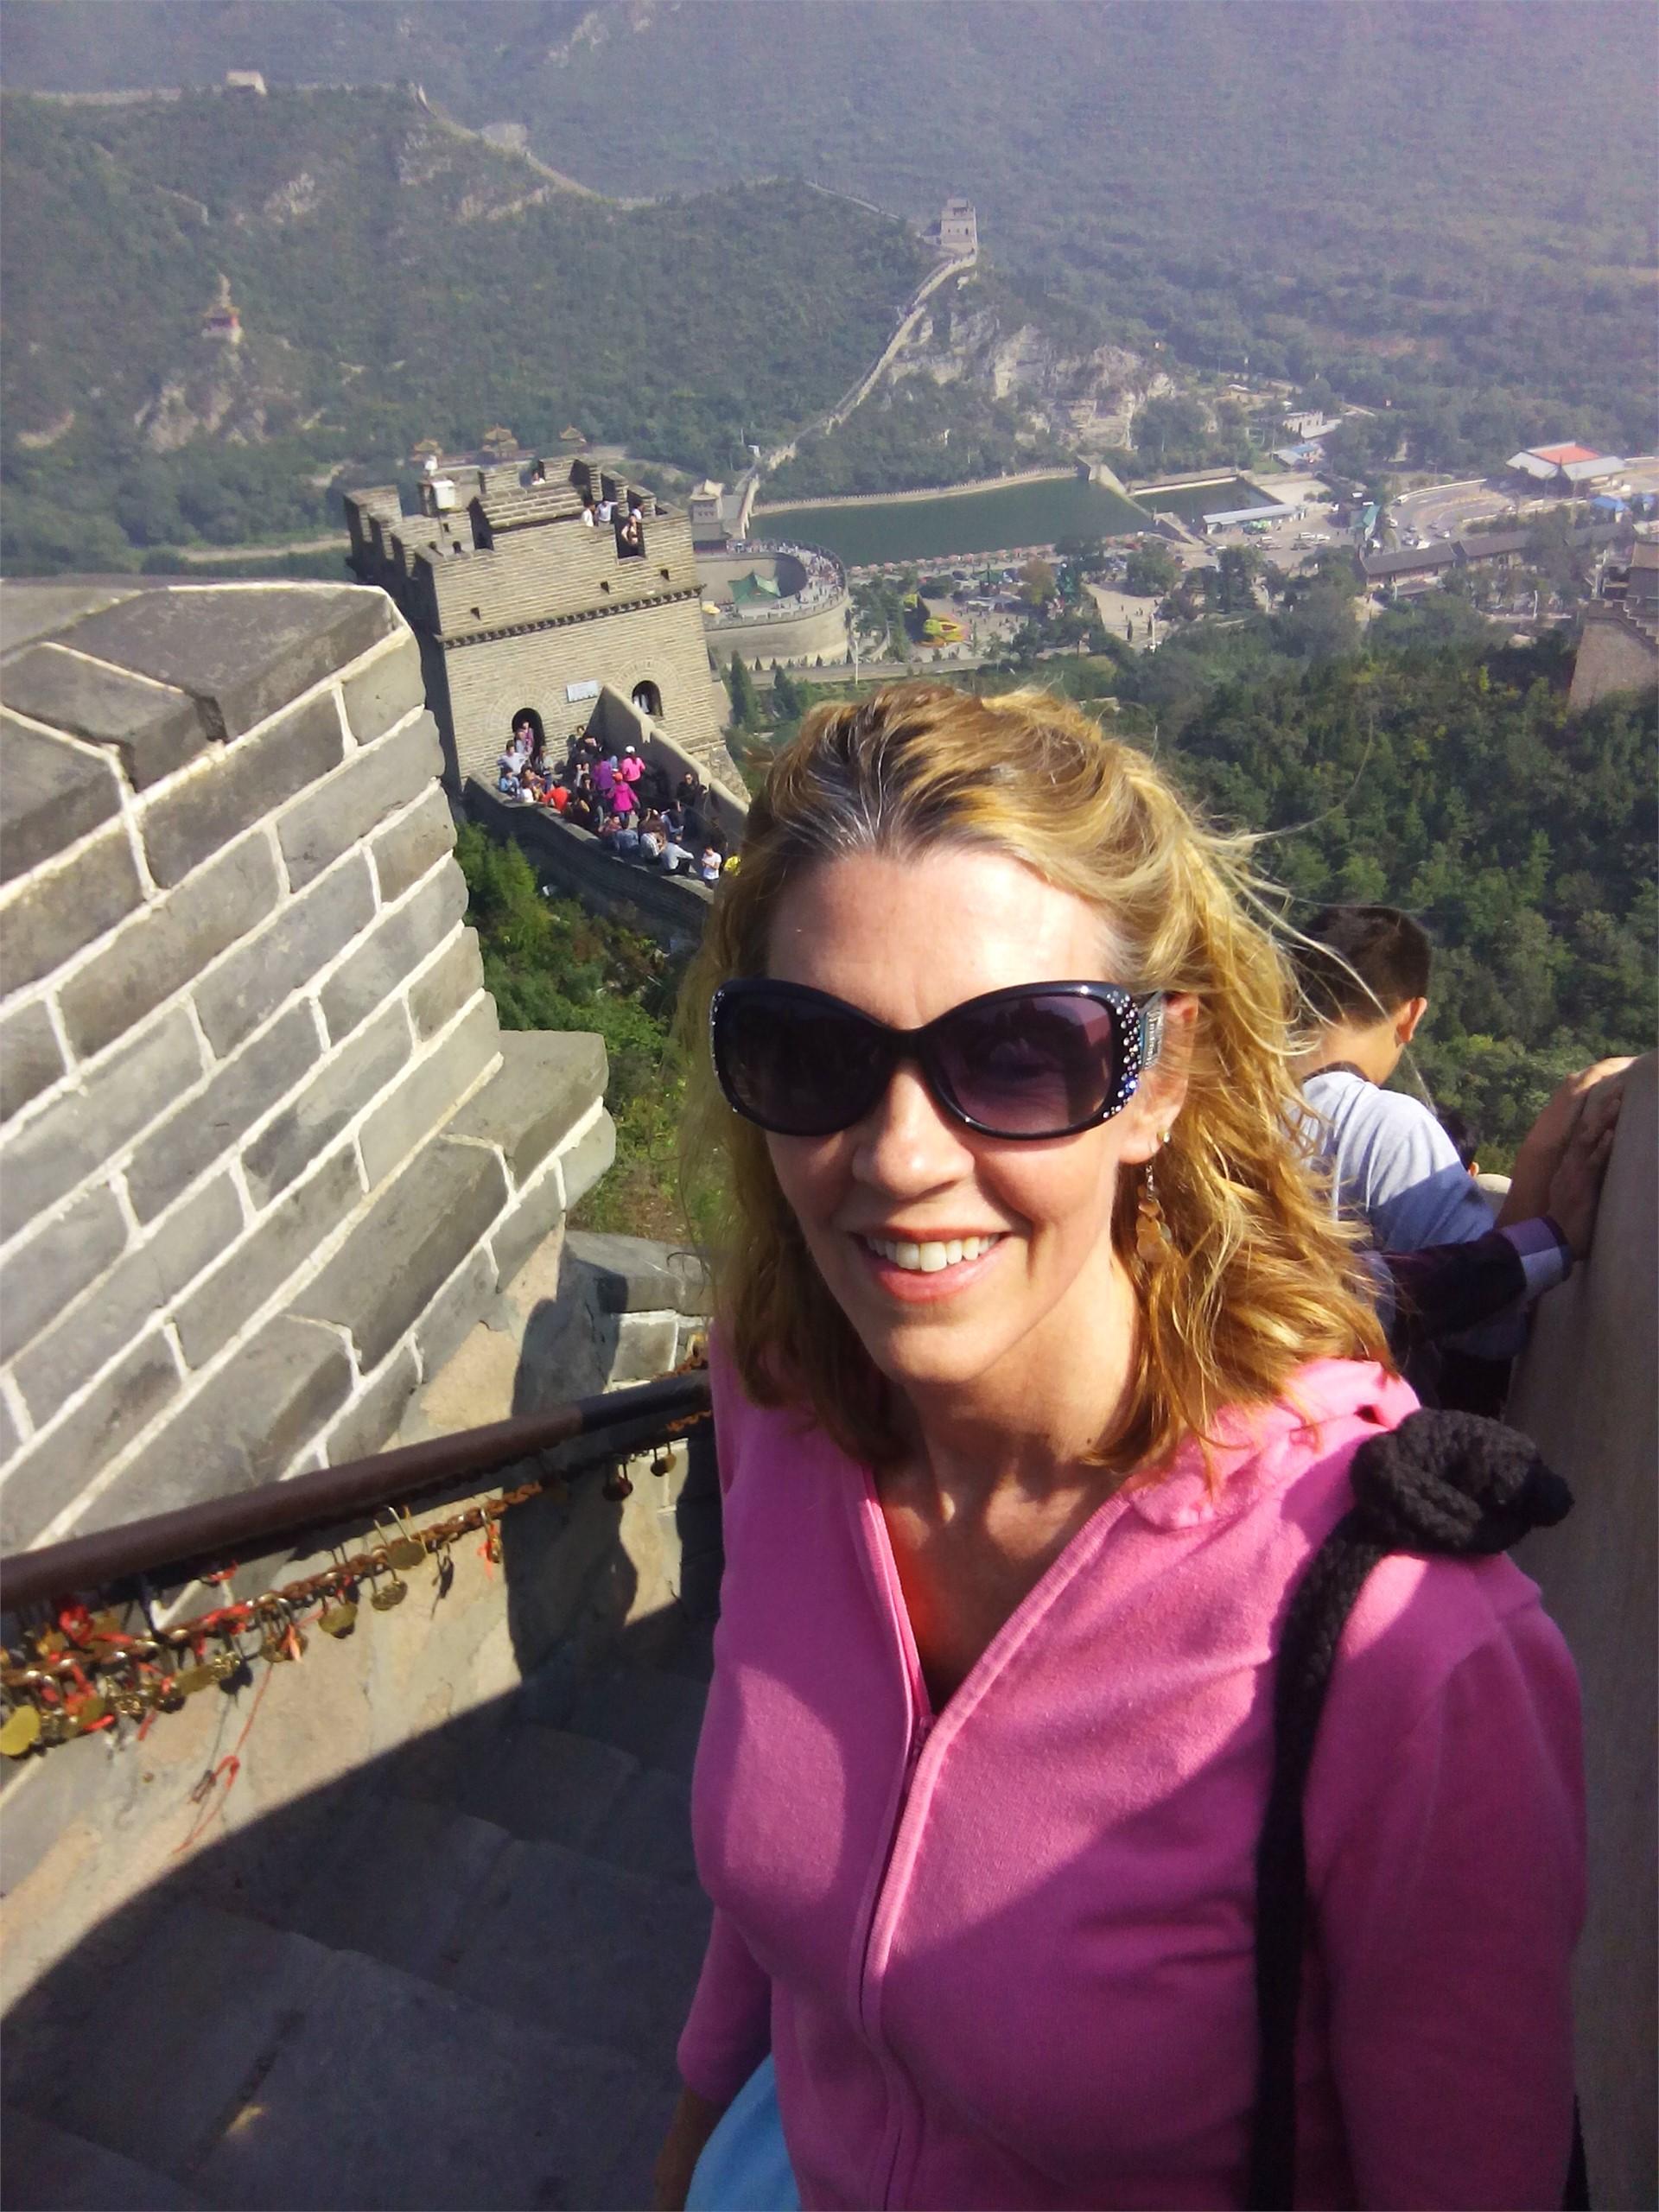 Tamara Pemberton on the Great Wall of China